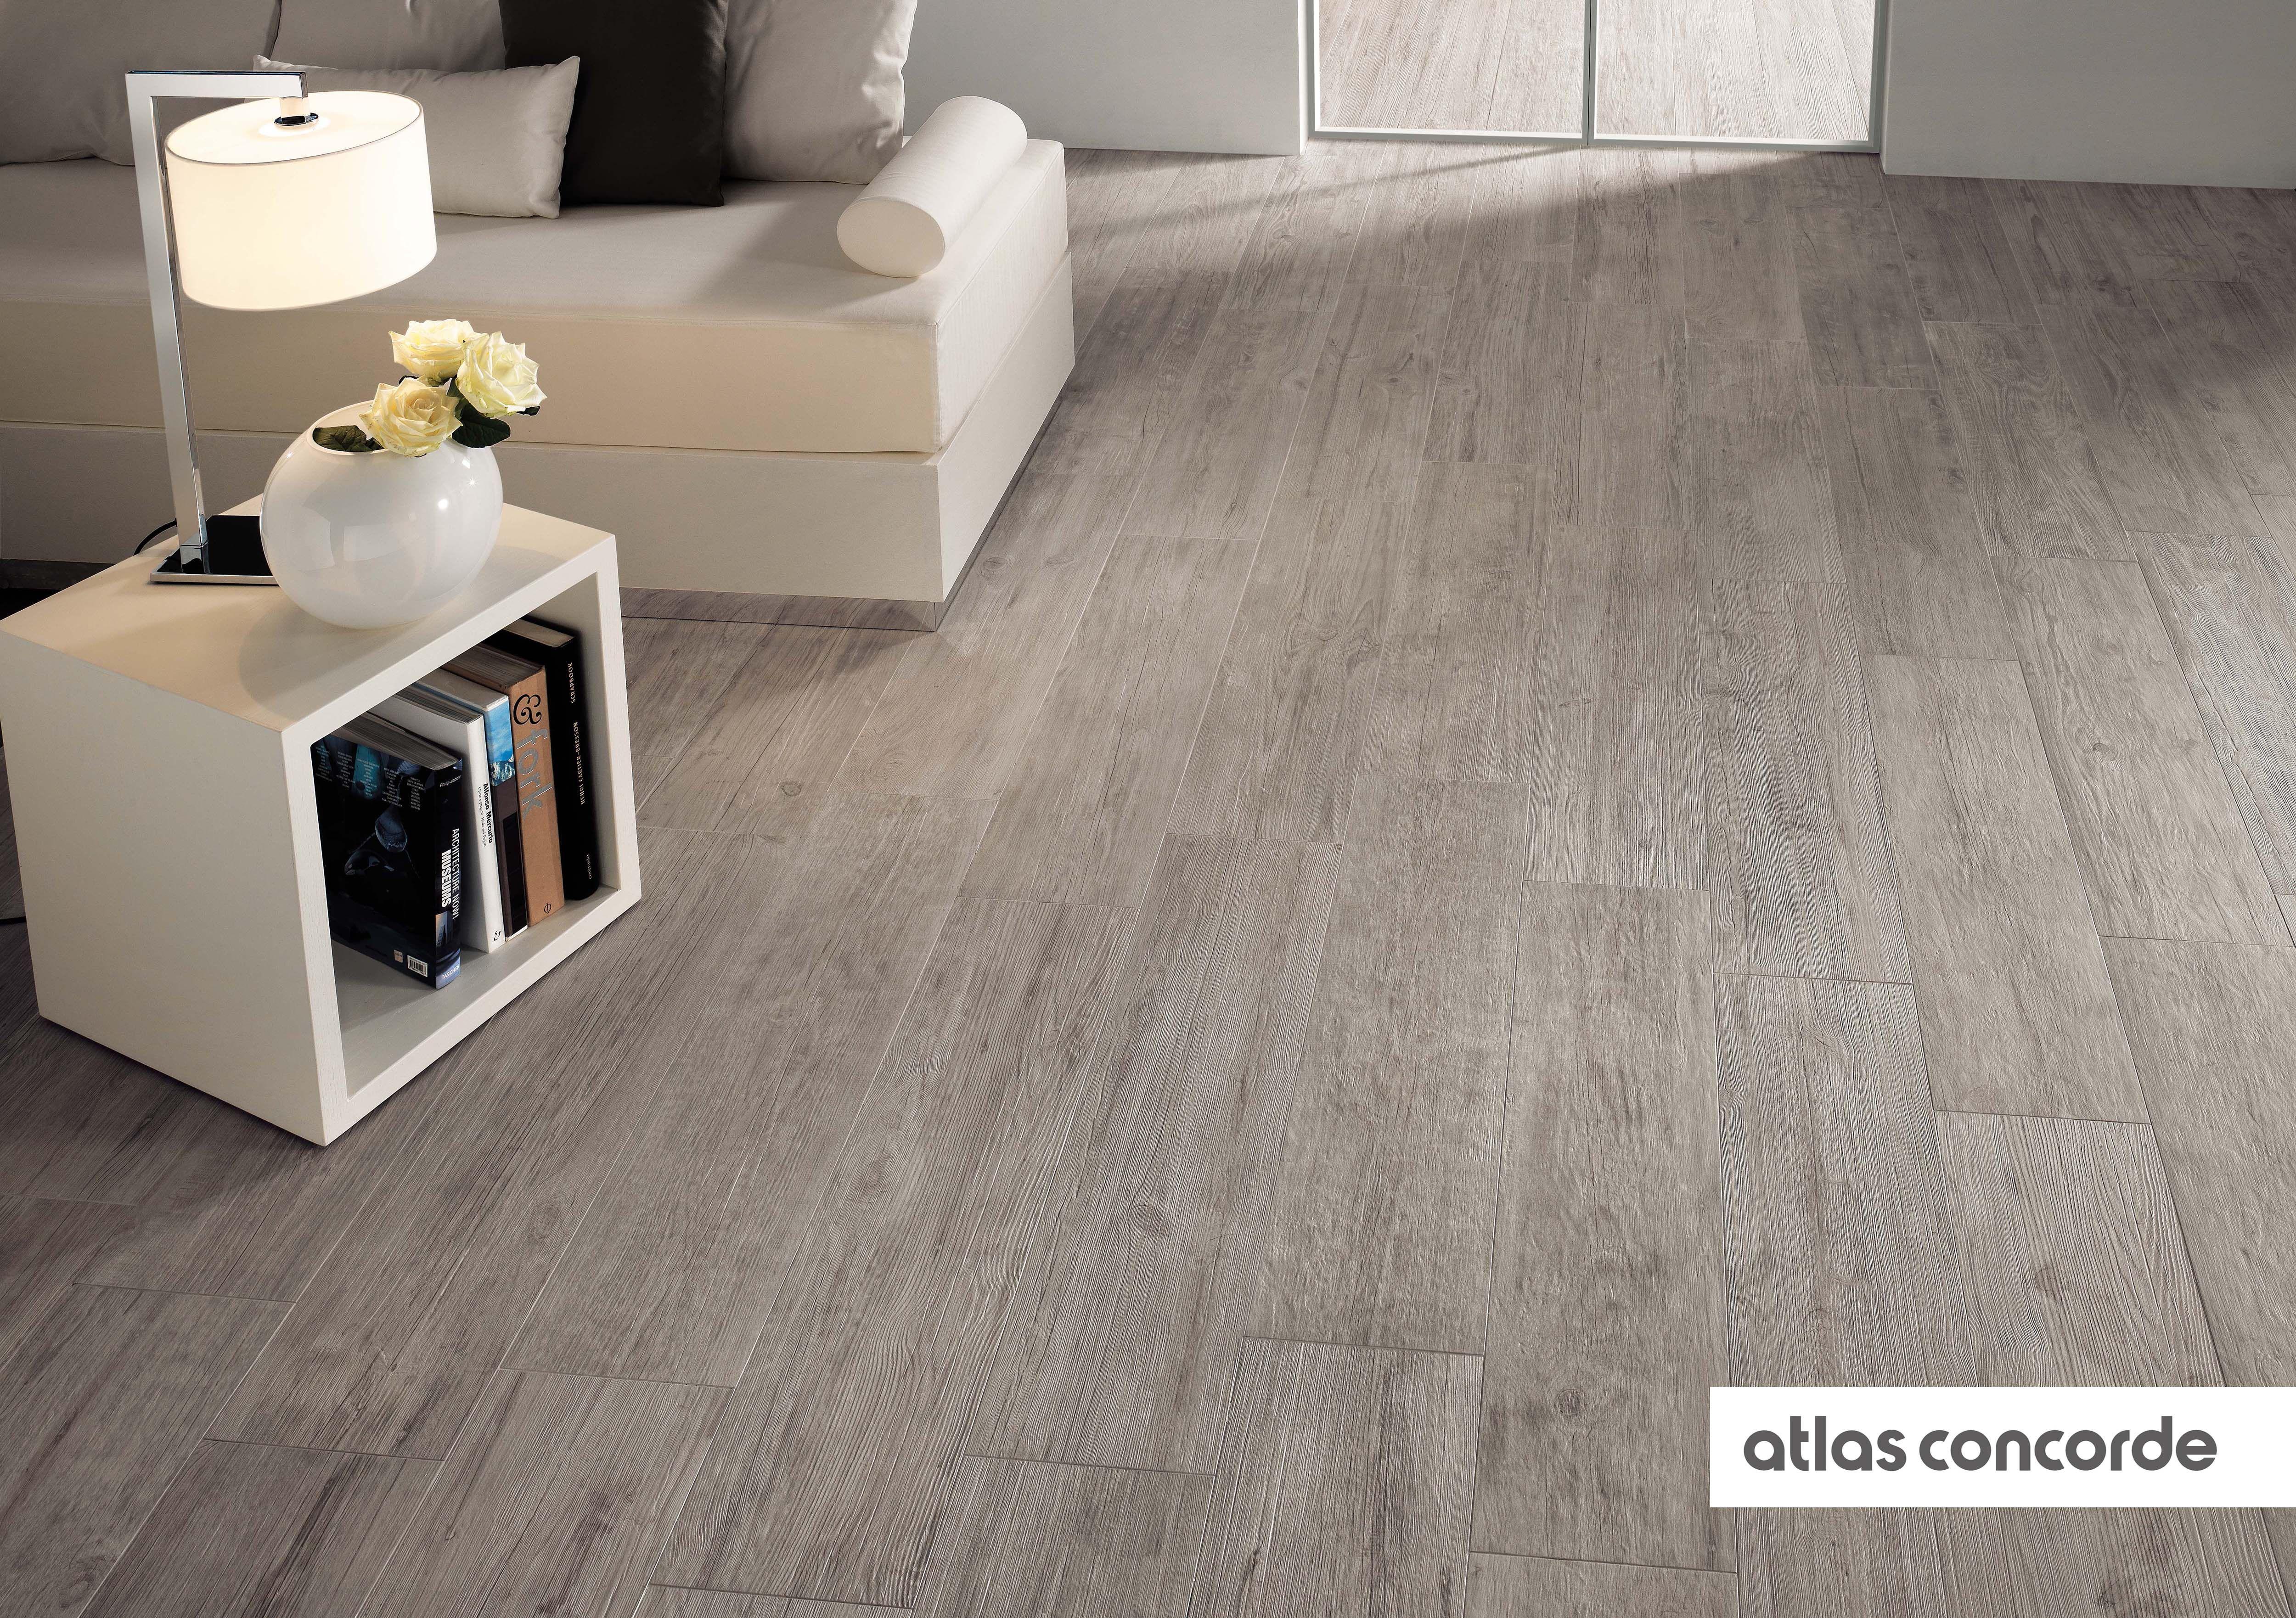 #AXI silver fir | #AtlasConcorde | #Tiles | #Ceramic | #PorcelainTiles